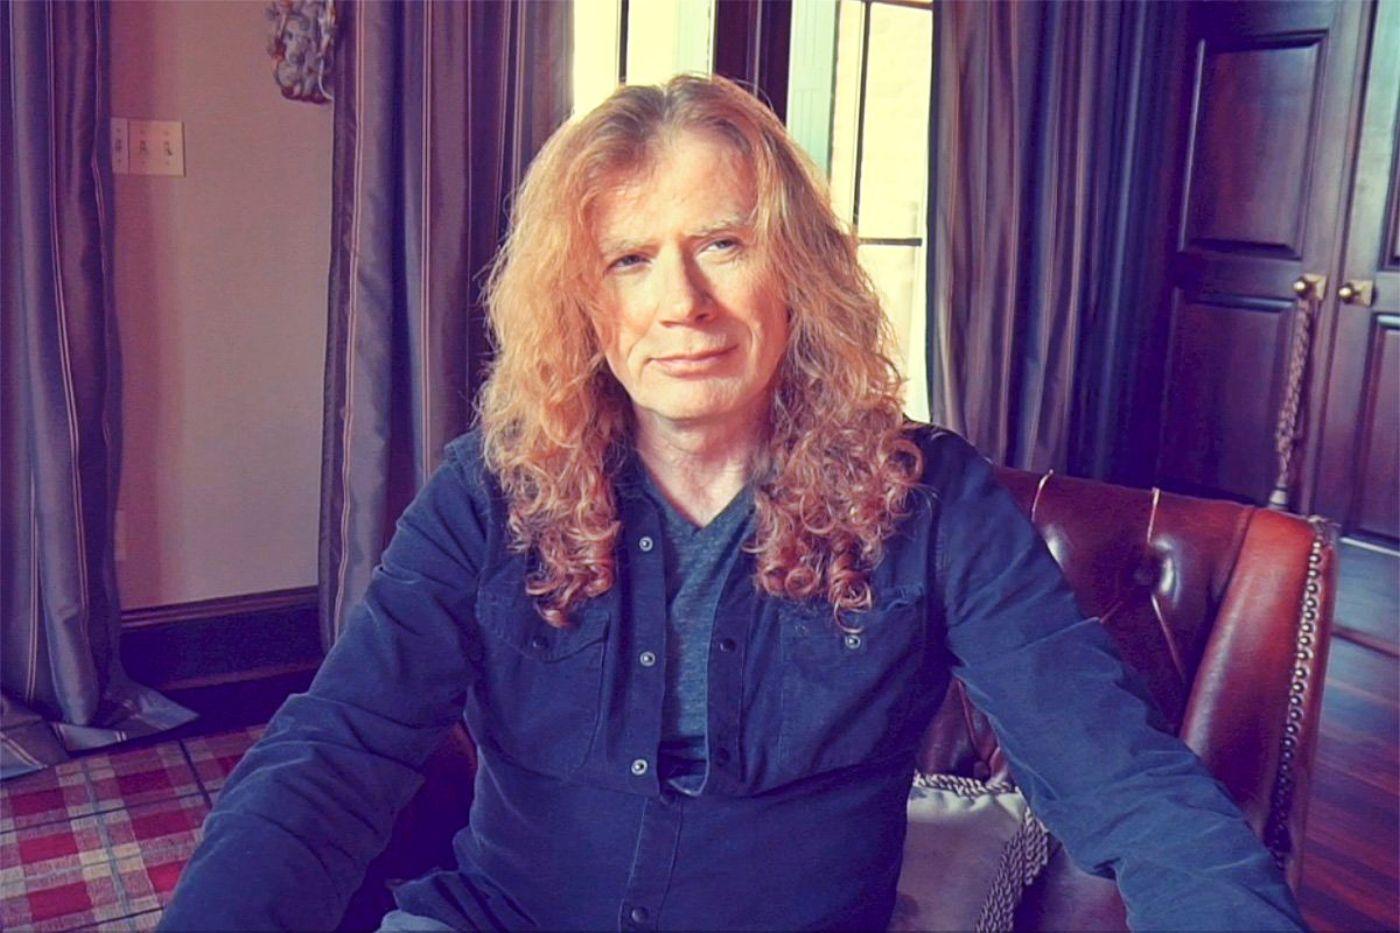 Dave Mustaine, vocalista de Megadeth, anuncia que padece de cáncer a la garganta